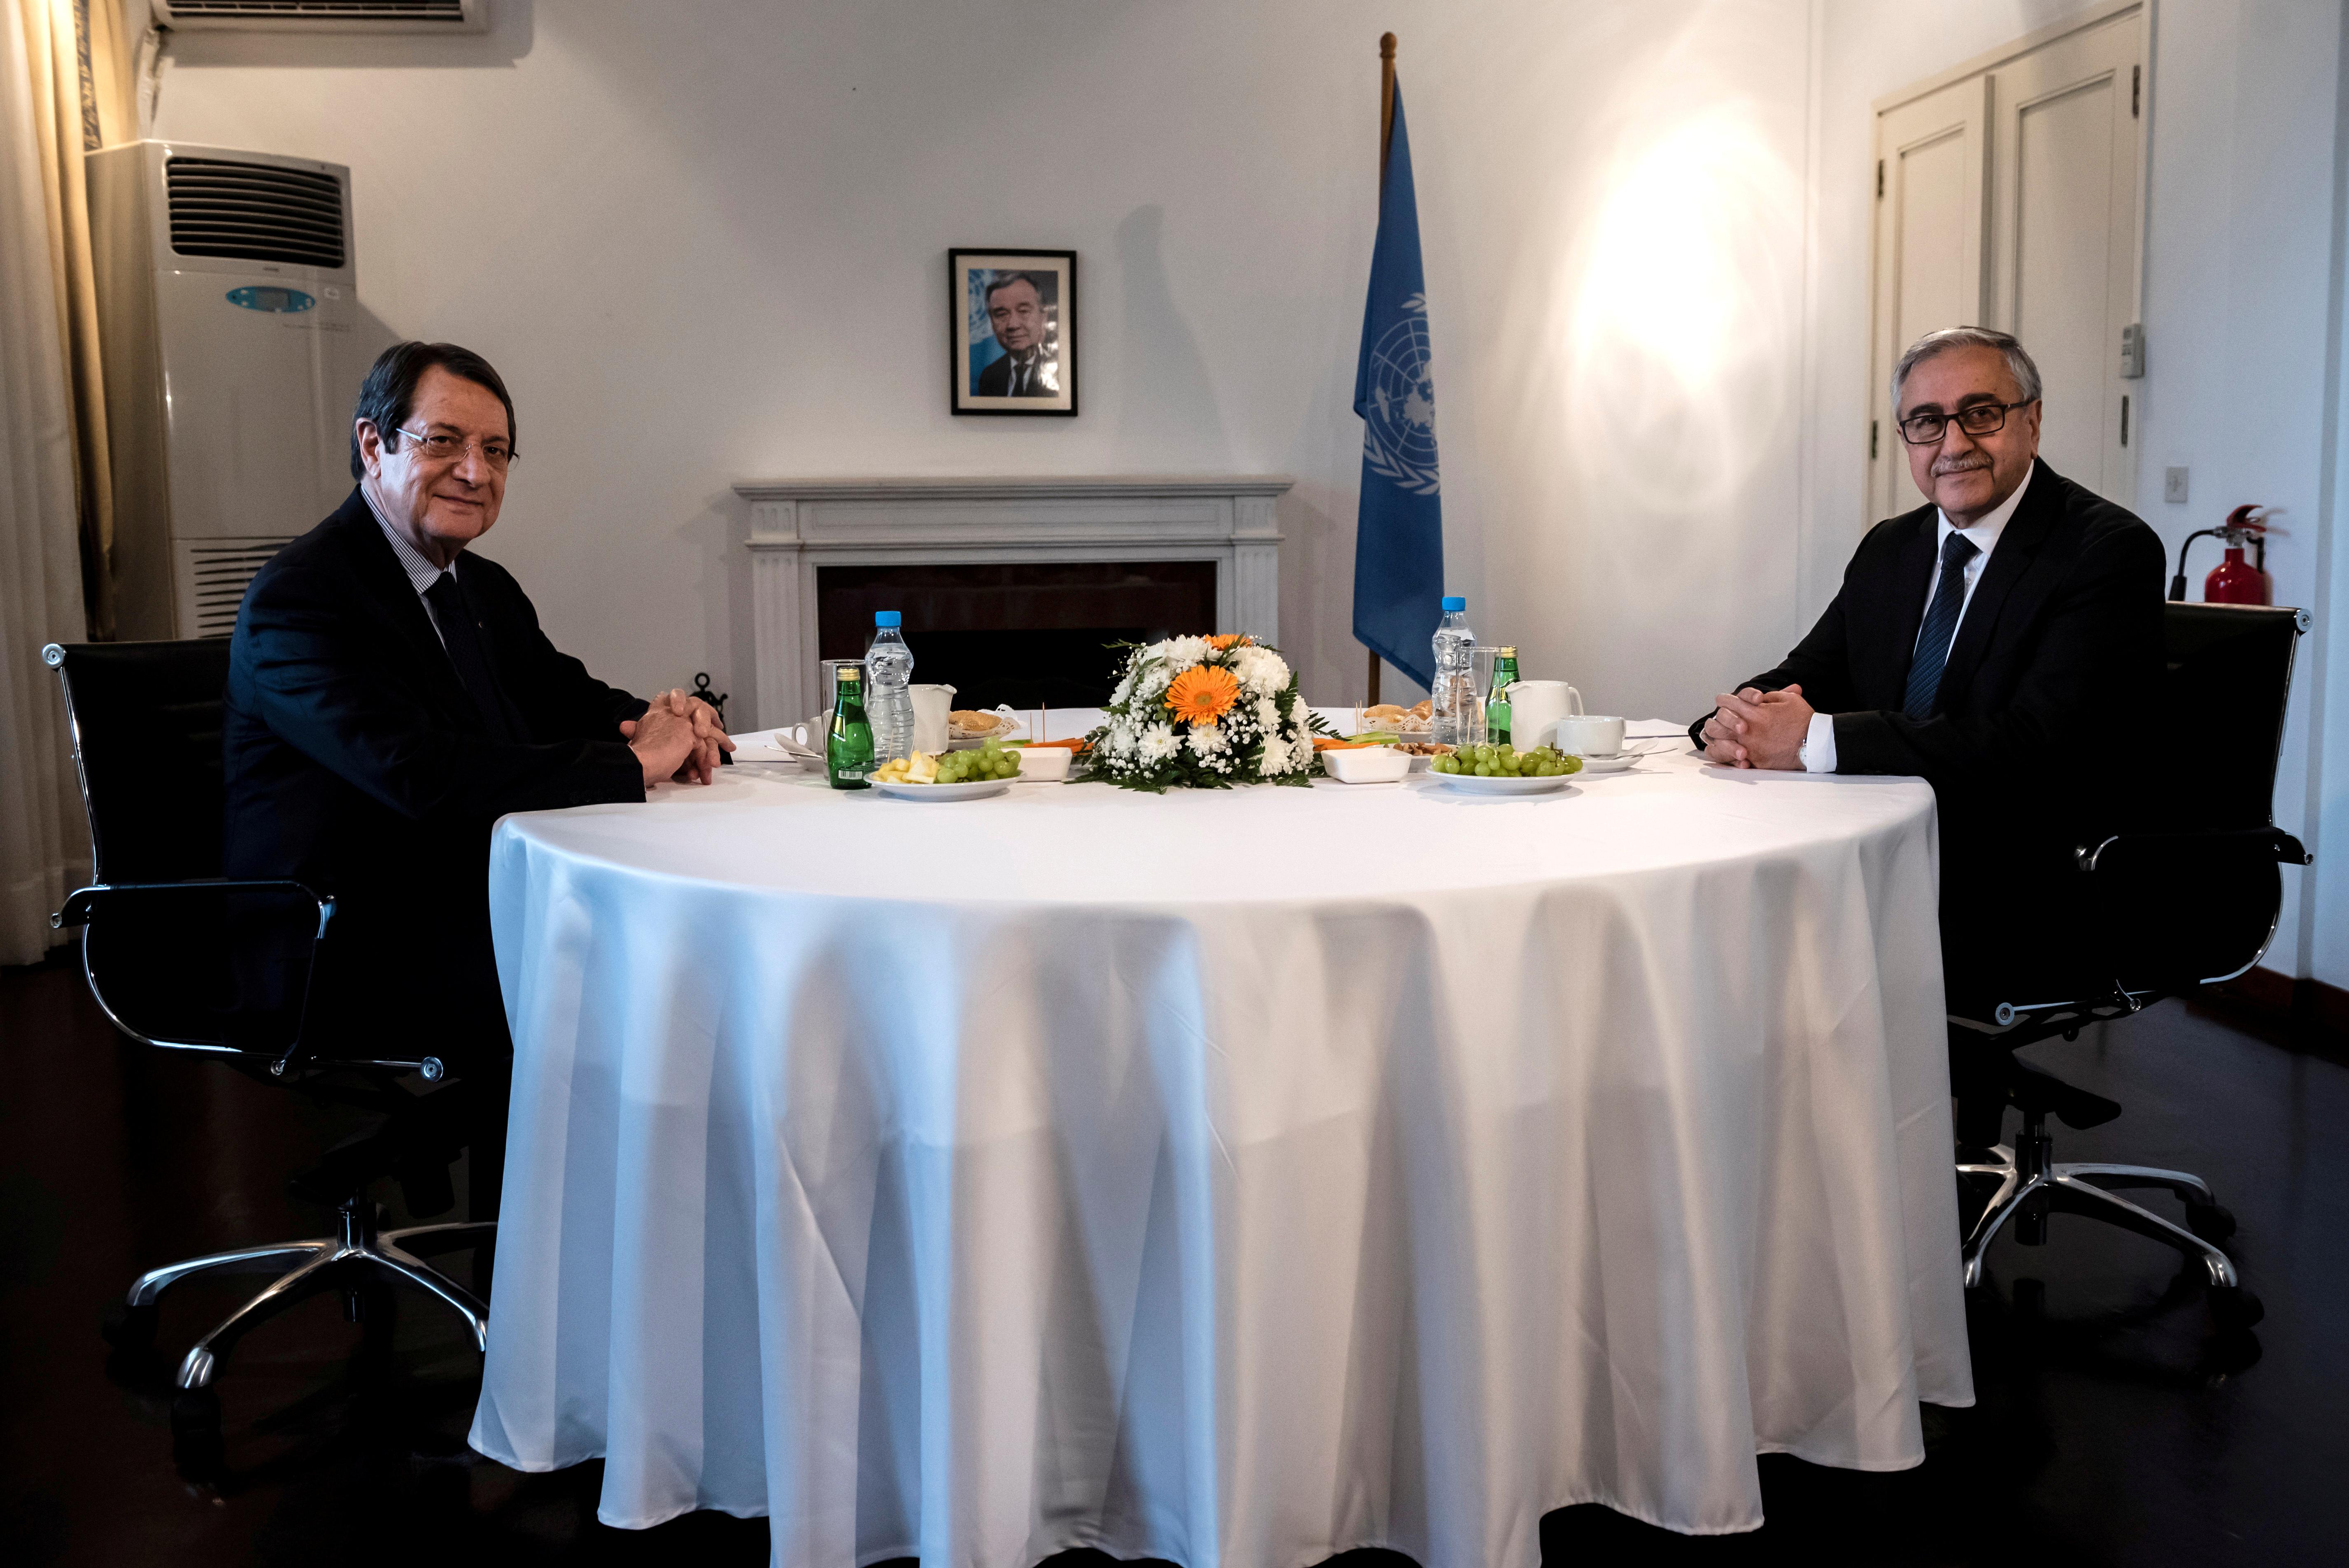 Κύπρος: Από τον Ακιντζί εξαρτάται η συνάντηση με τον πρόεδρο Νίκο Αναστασιάδη